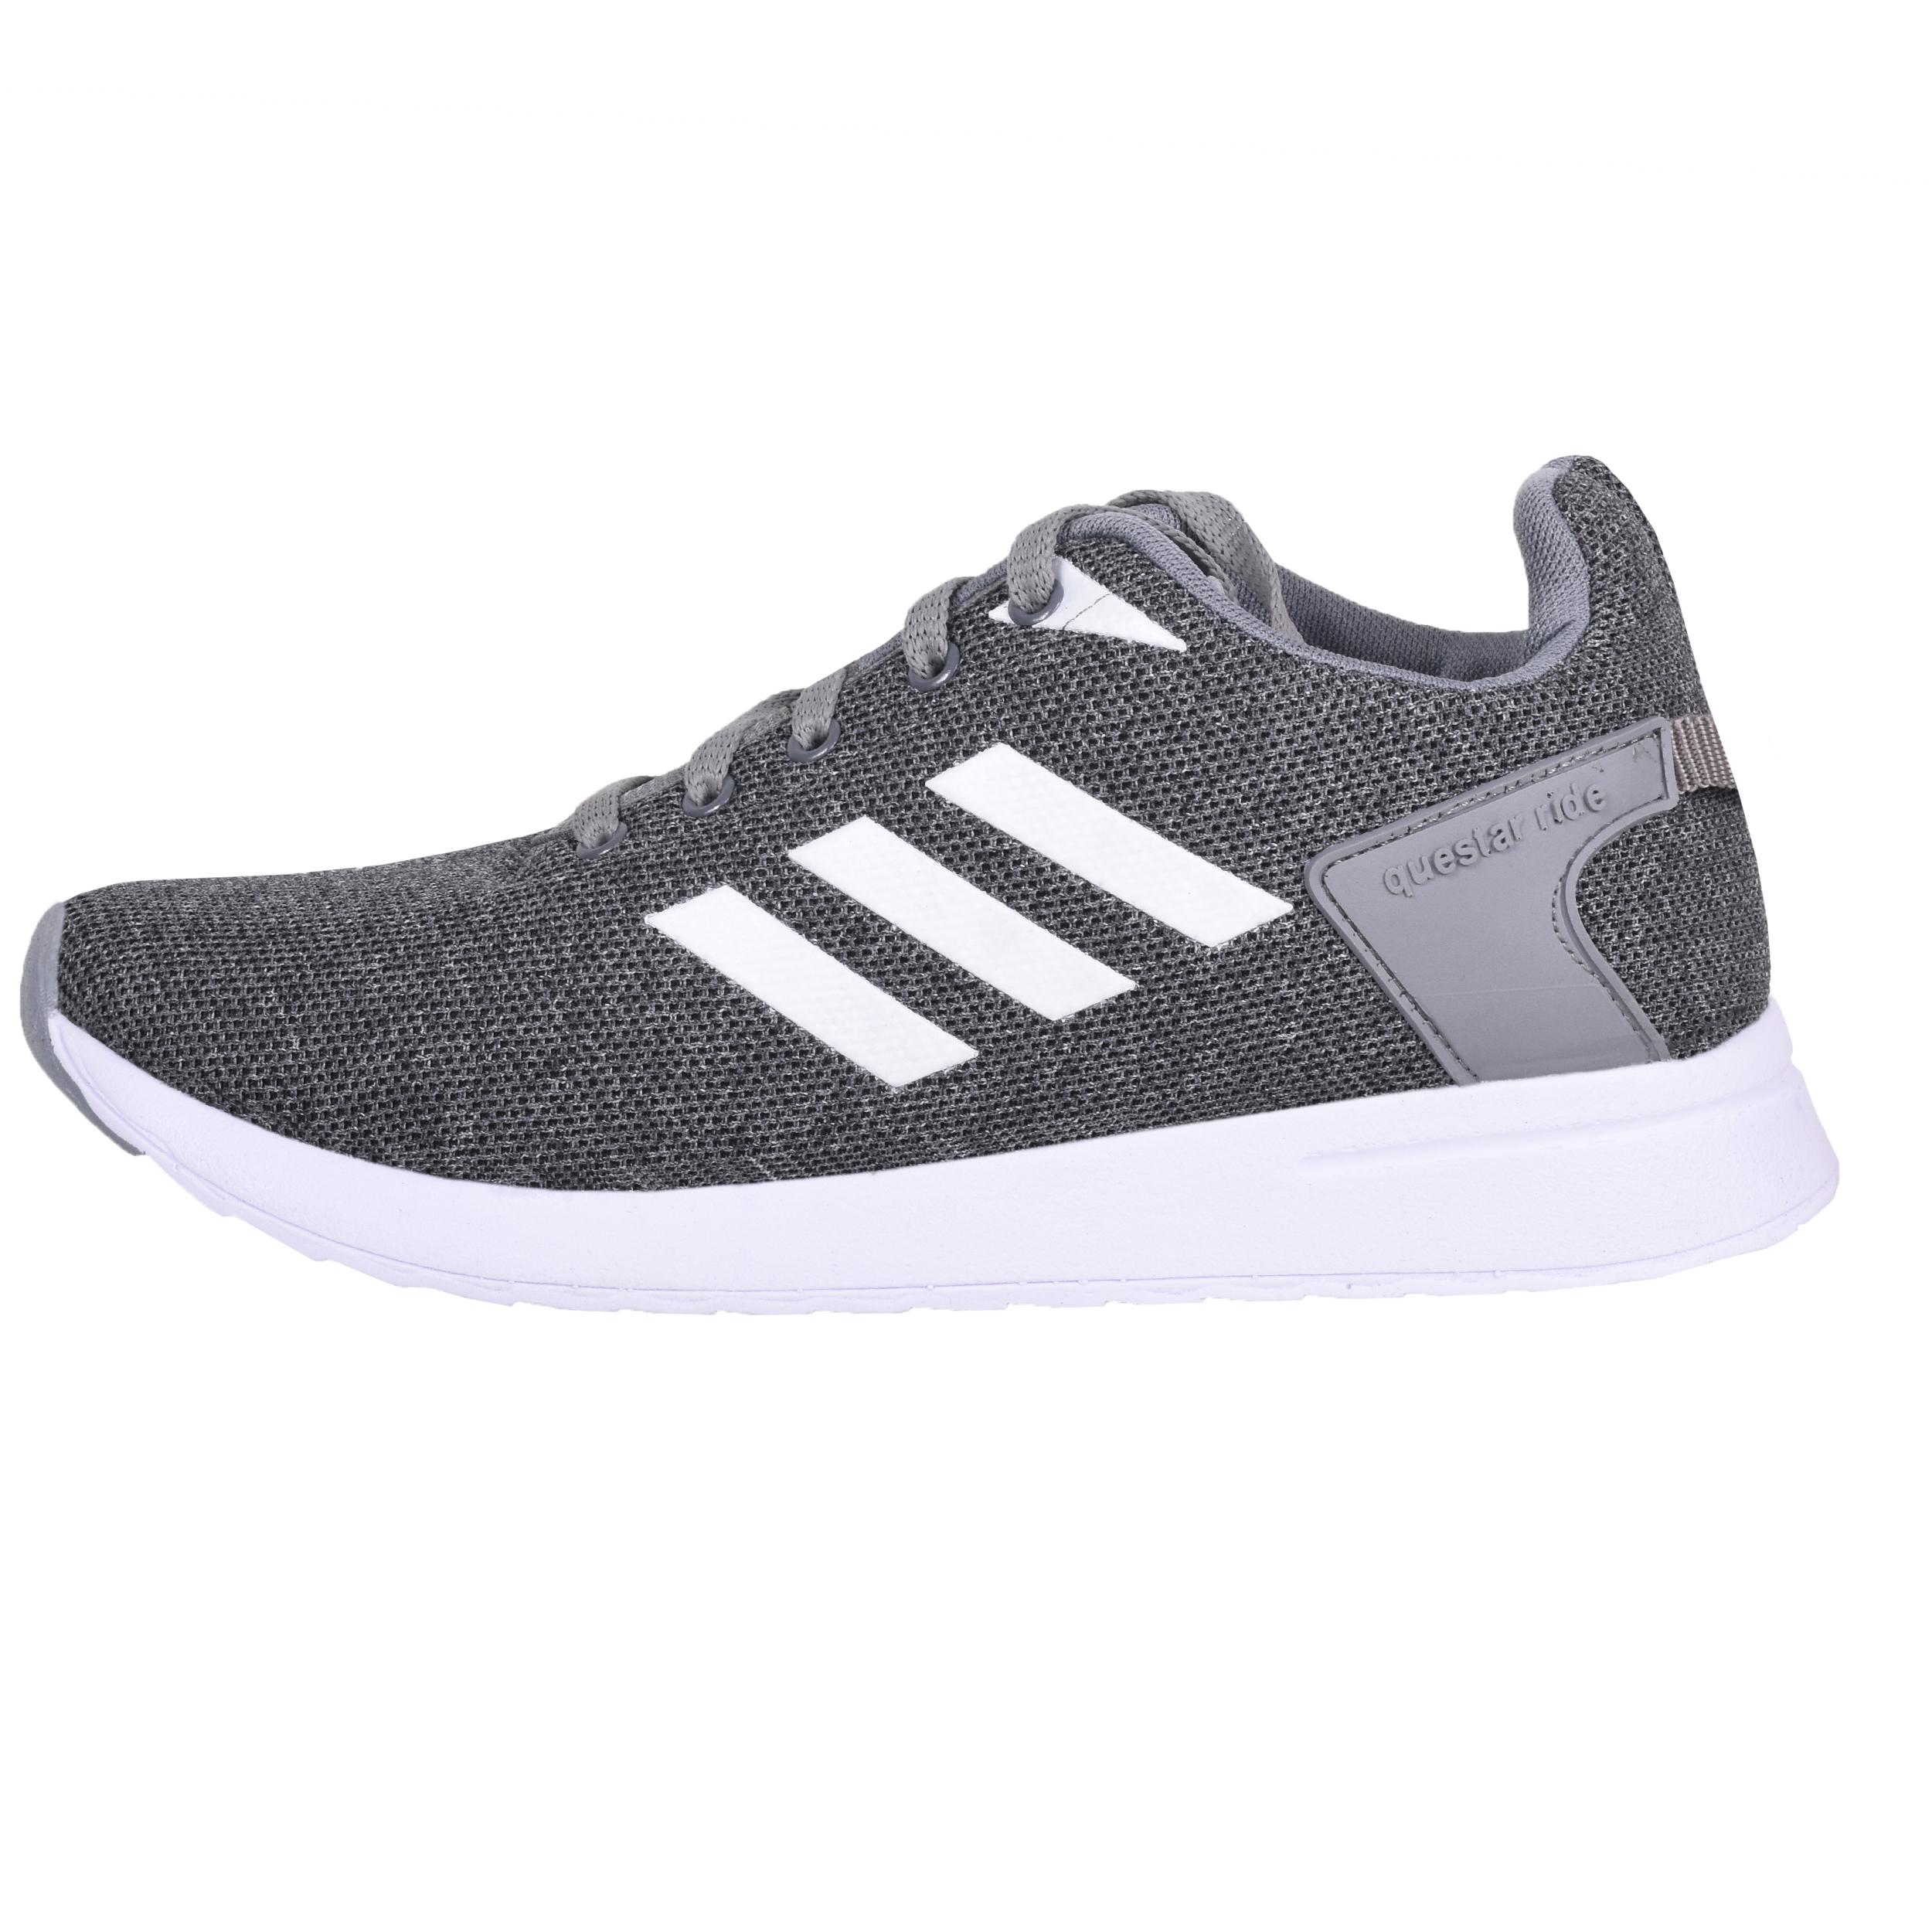 کفش مخصوص پیاده روی مردانه کد 21-39610